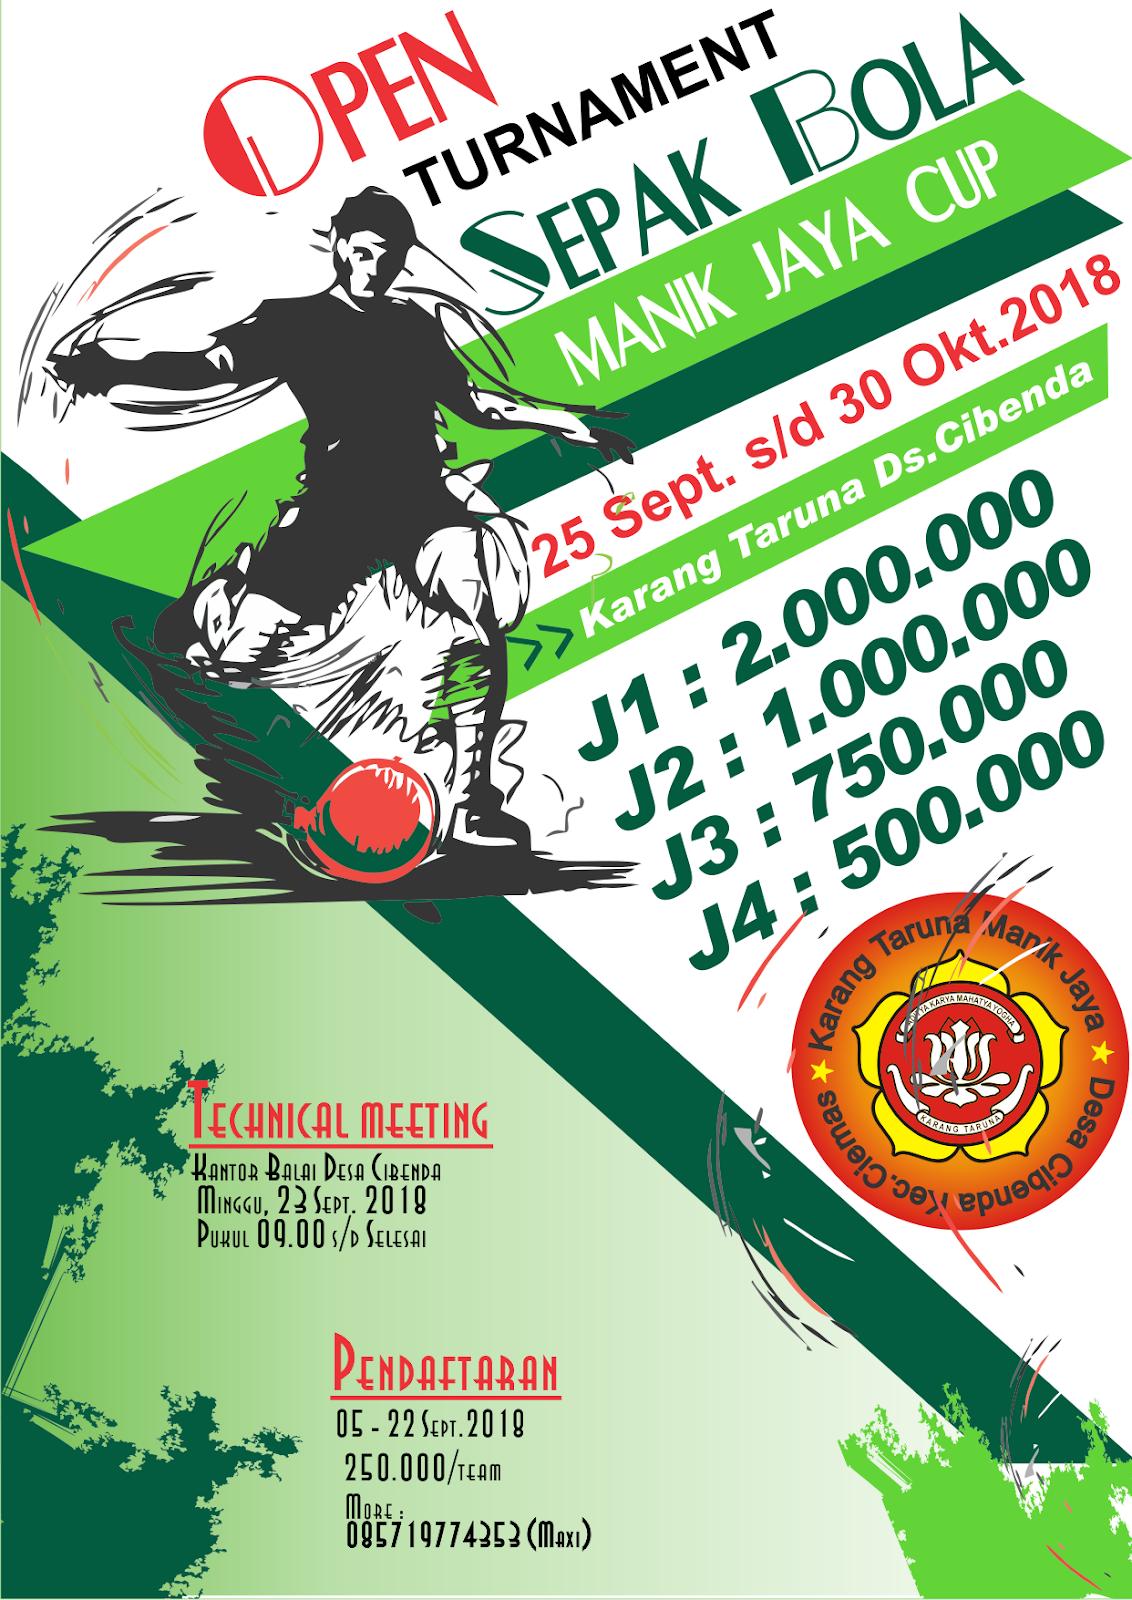 Contoh Permohonan Dana Untuk Turnamen Sepak Bola Memperingati Sumpah